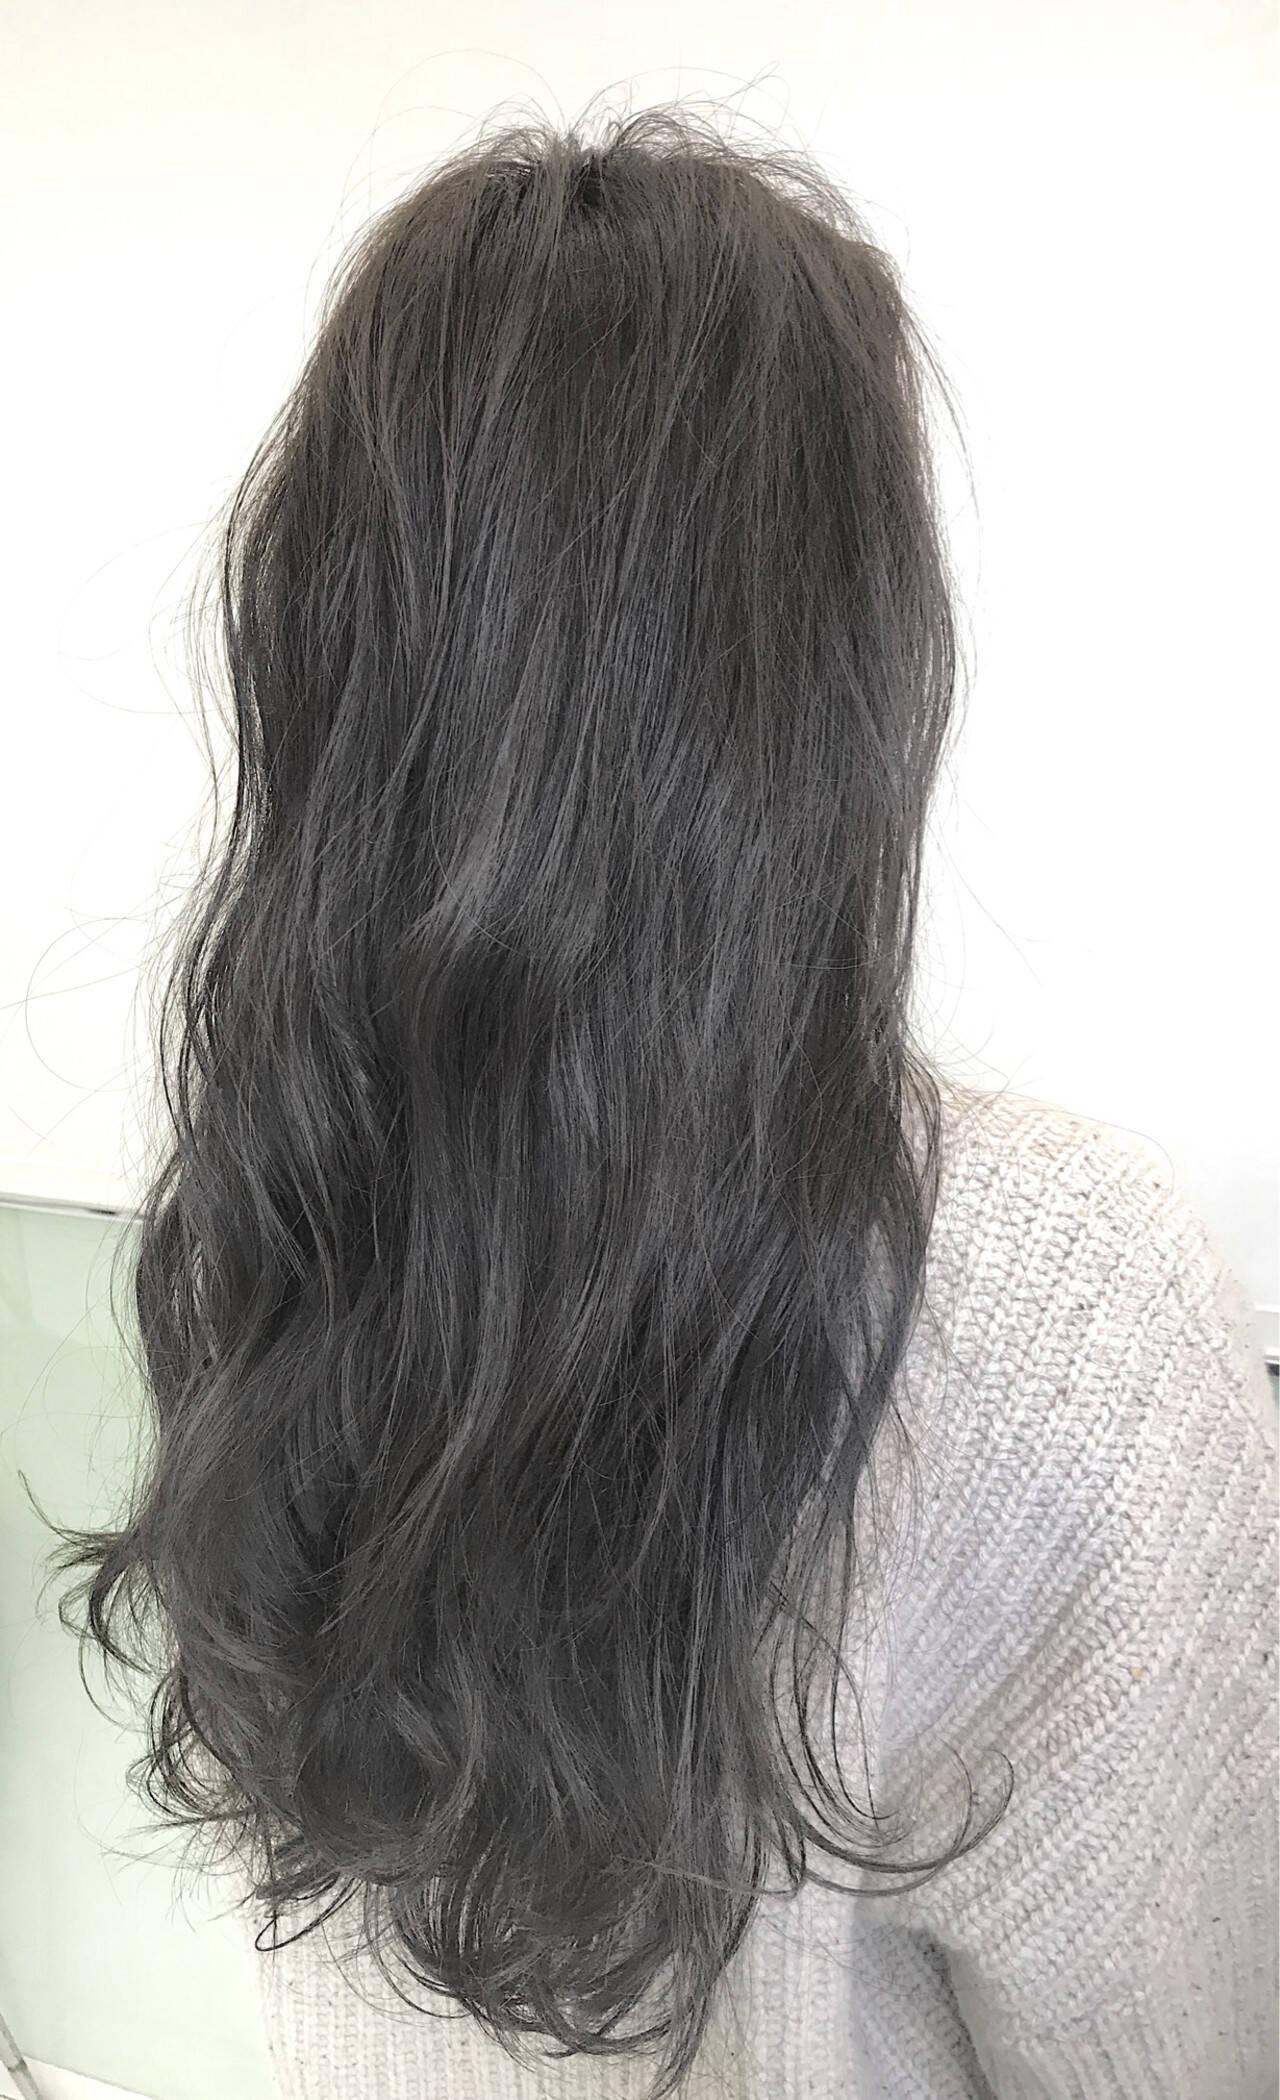 ゆるふわ ハイライト アンニュイほつれヘア ロングヘアスタイルや髪型の写真・画像